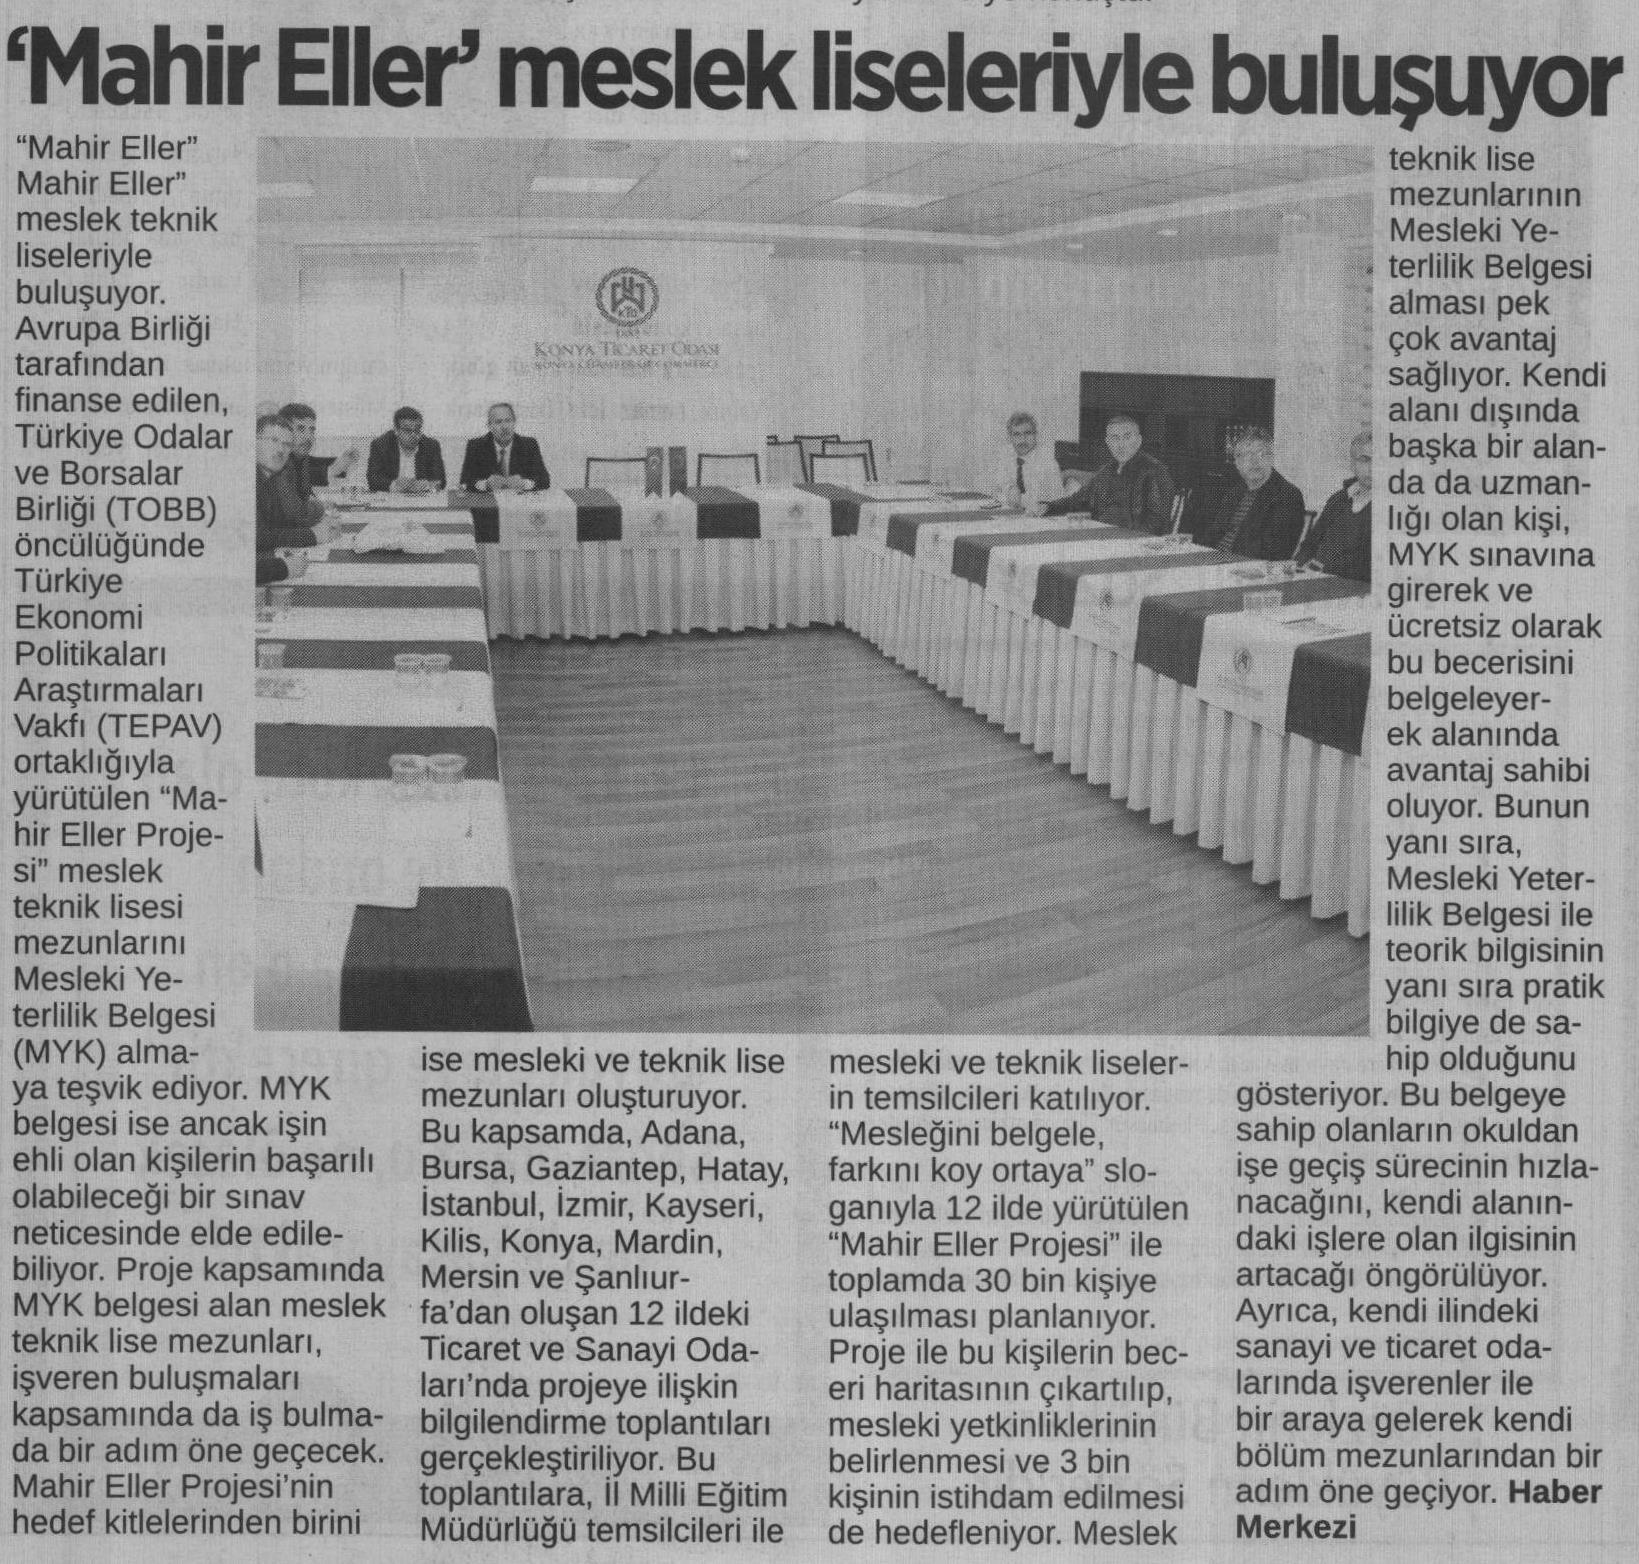 Mahir Eller Meslek Liseleriyle Buluşuyor Anadolu Telgraf